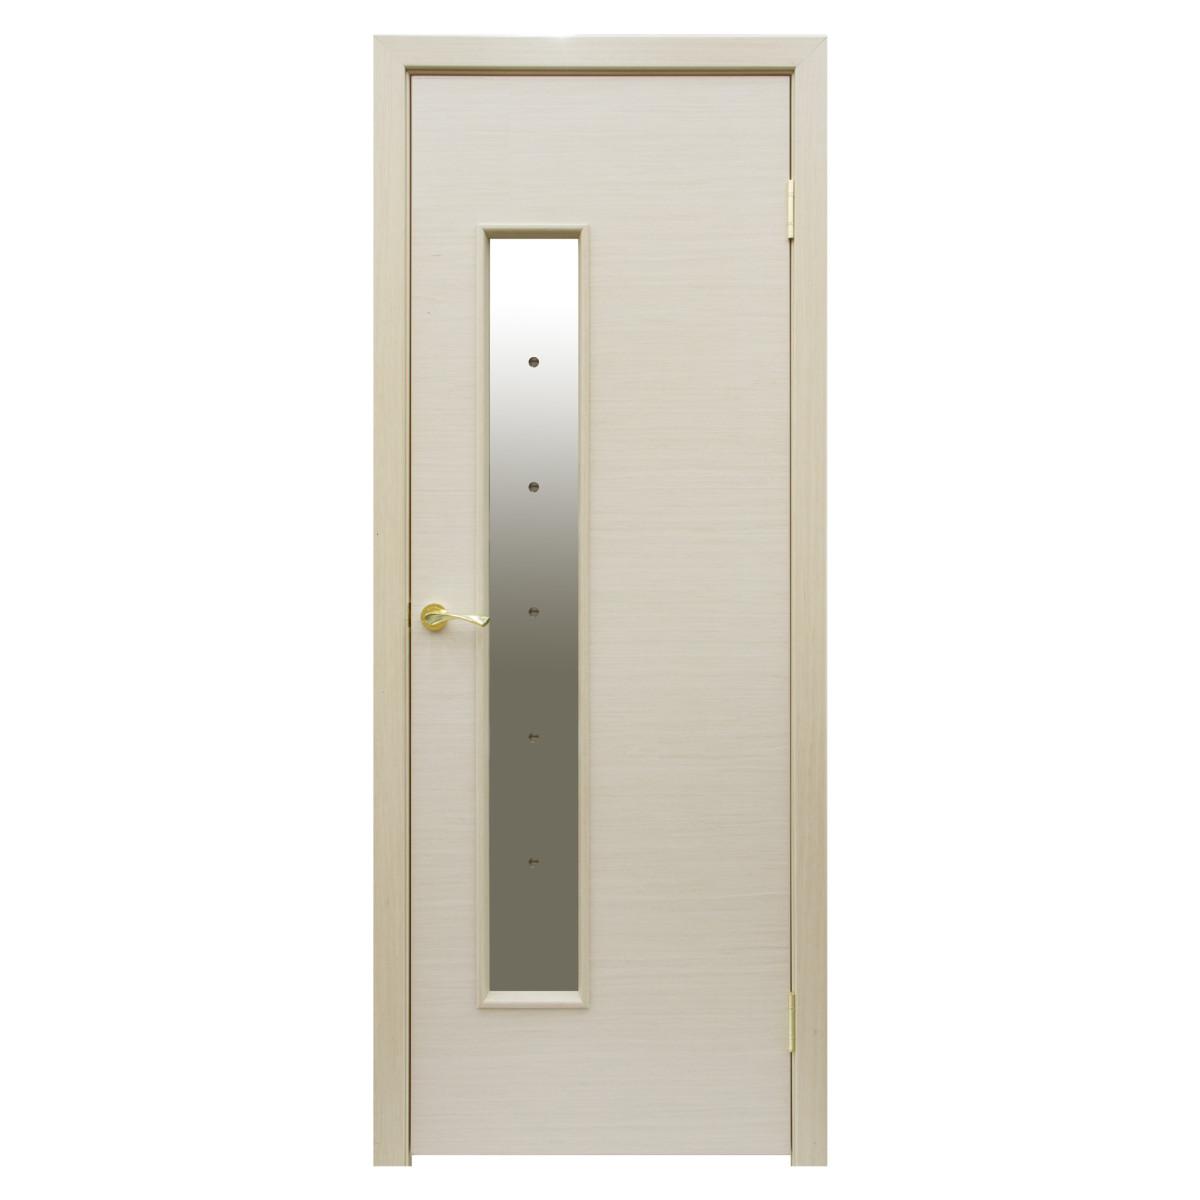 Дверь Межкомнатная Остеклённая Шарлотт 60x200 Шпон Цвет Дуб Белёный